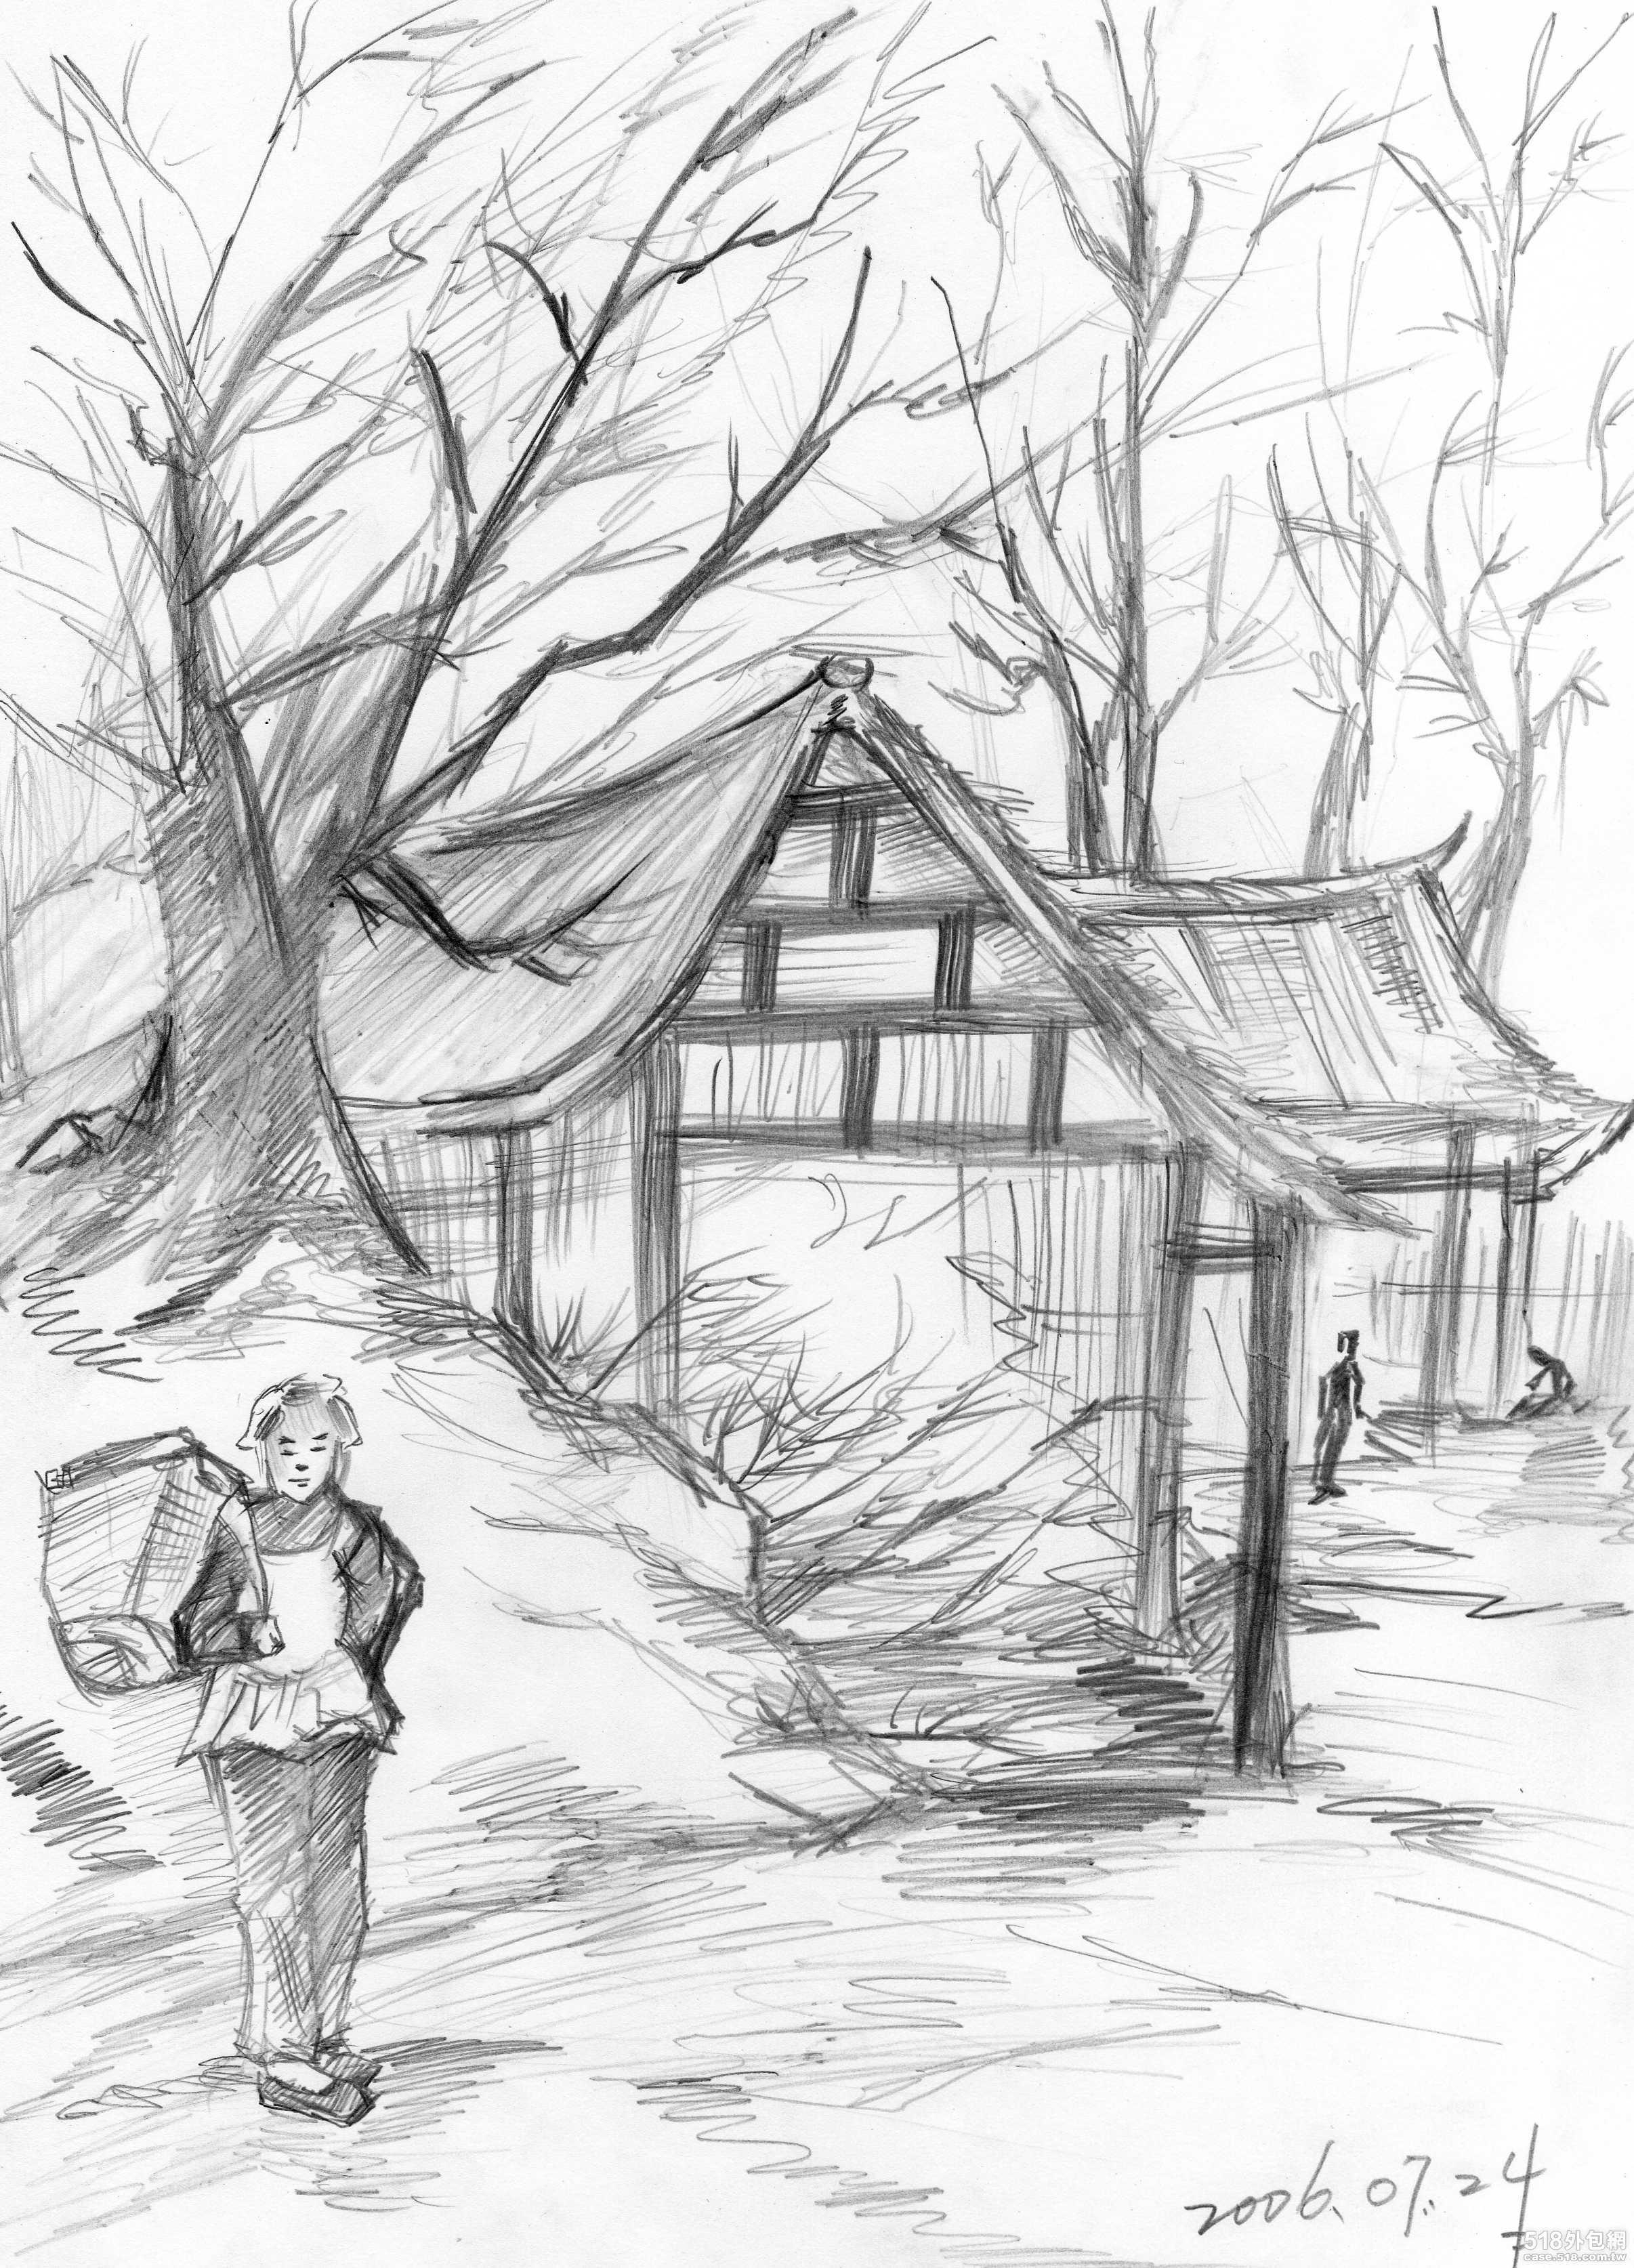 风景画素描图片 钢笔素描风景画 图,家乡的风景画 ...